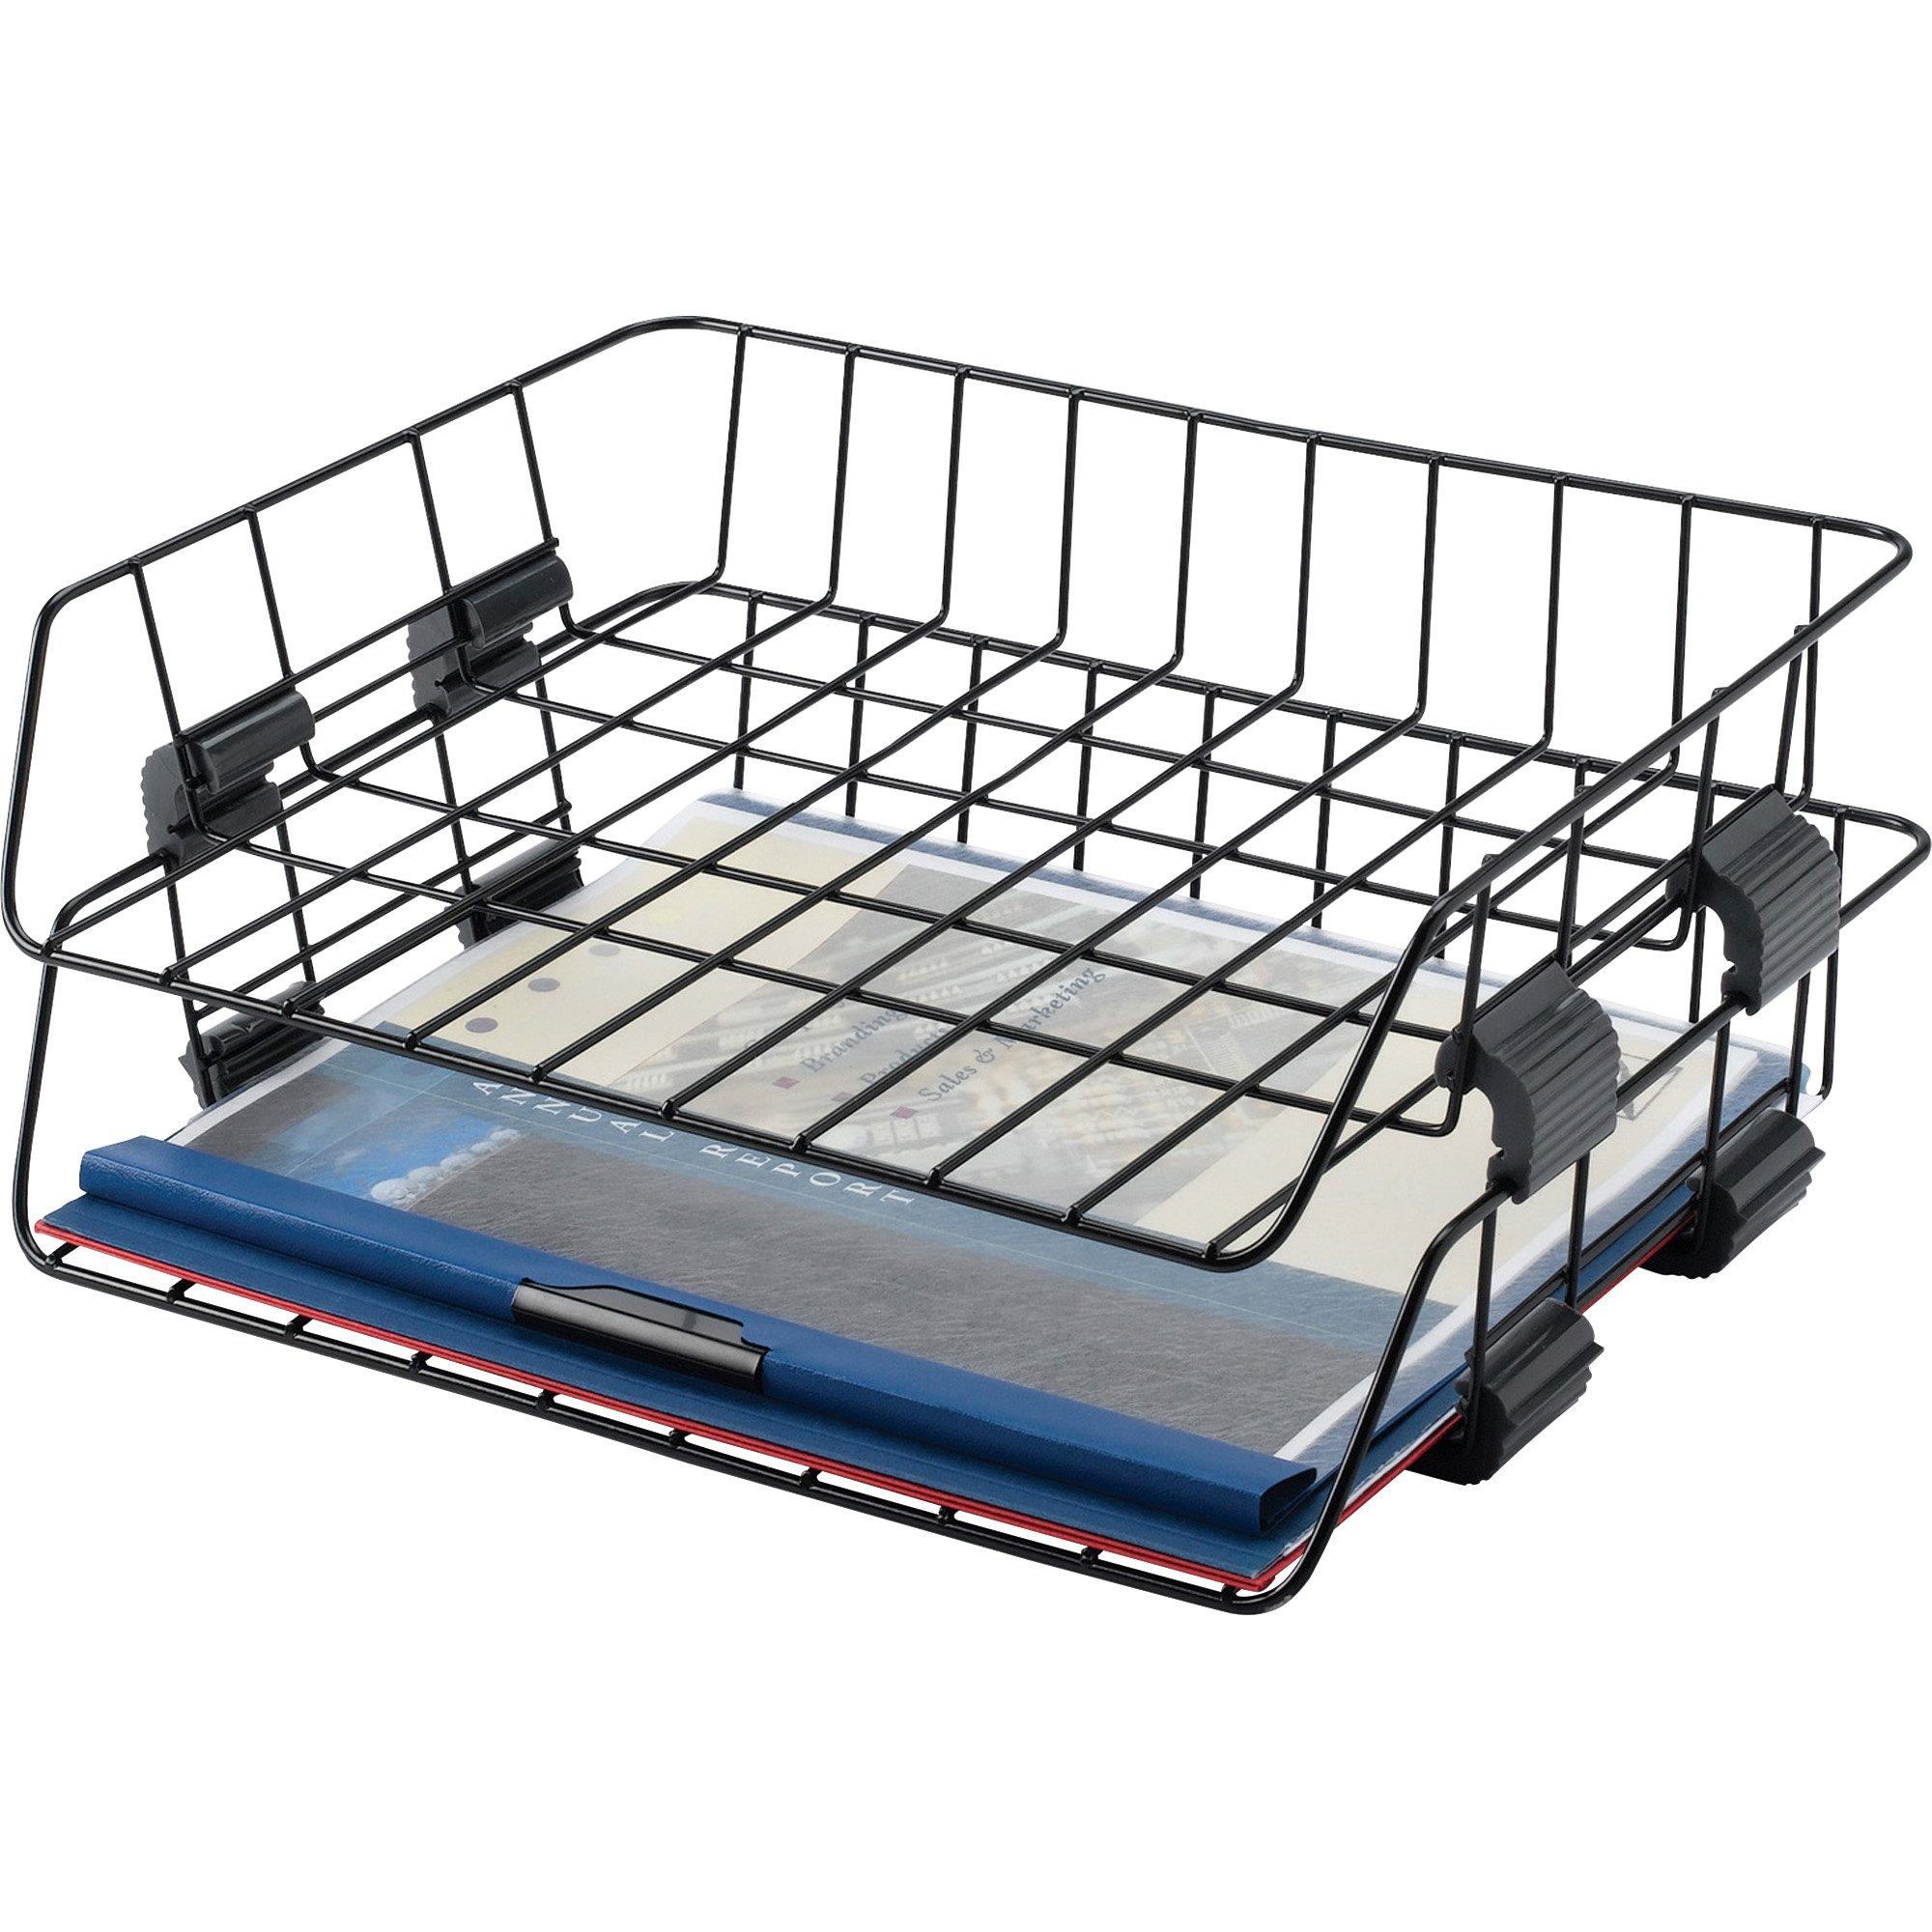 Sparco Wire Desk Tray, Letter, Side Load, 2 per Box, Black (SPR52772)